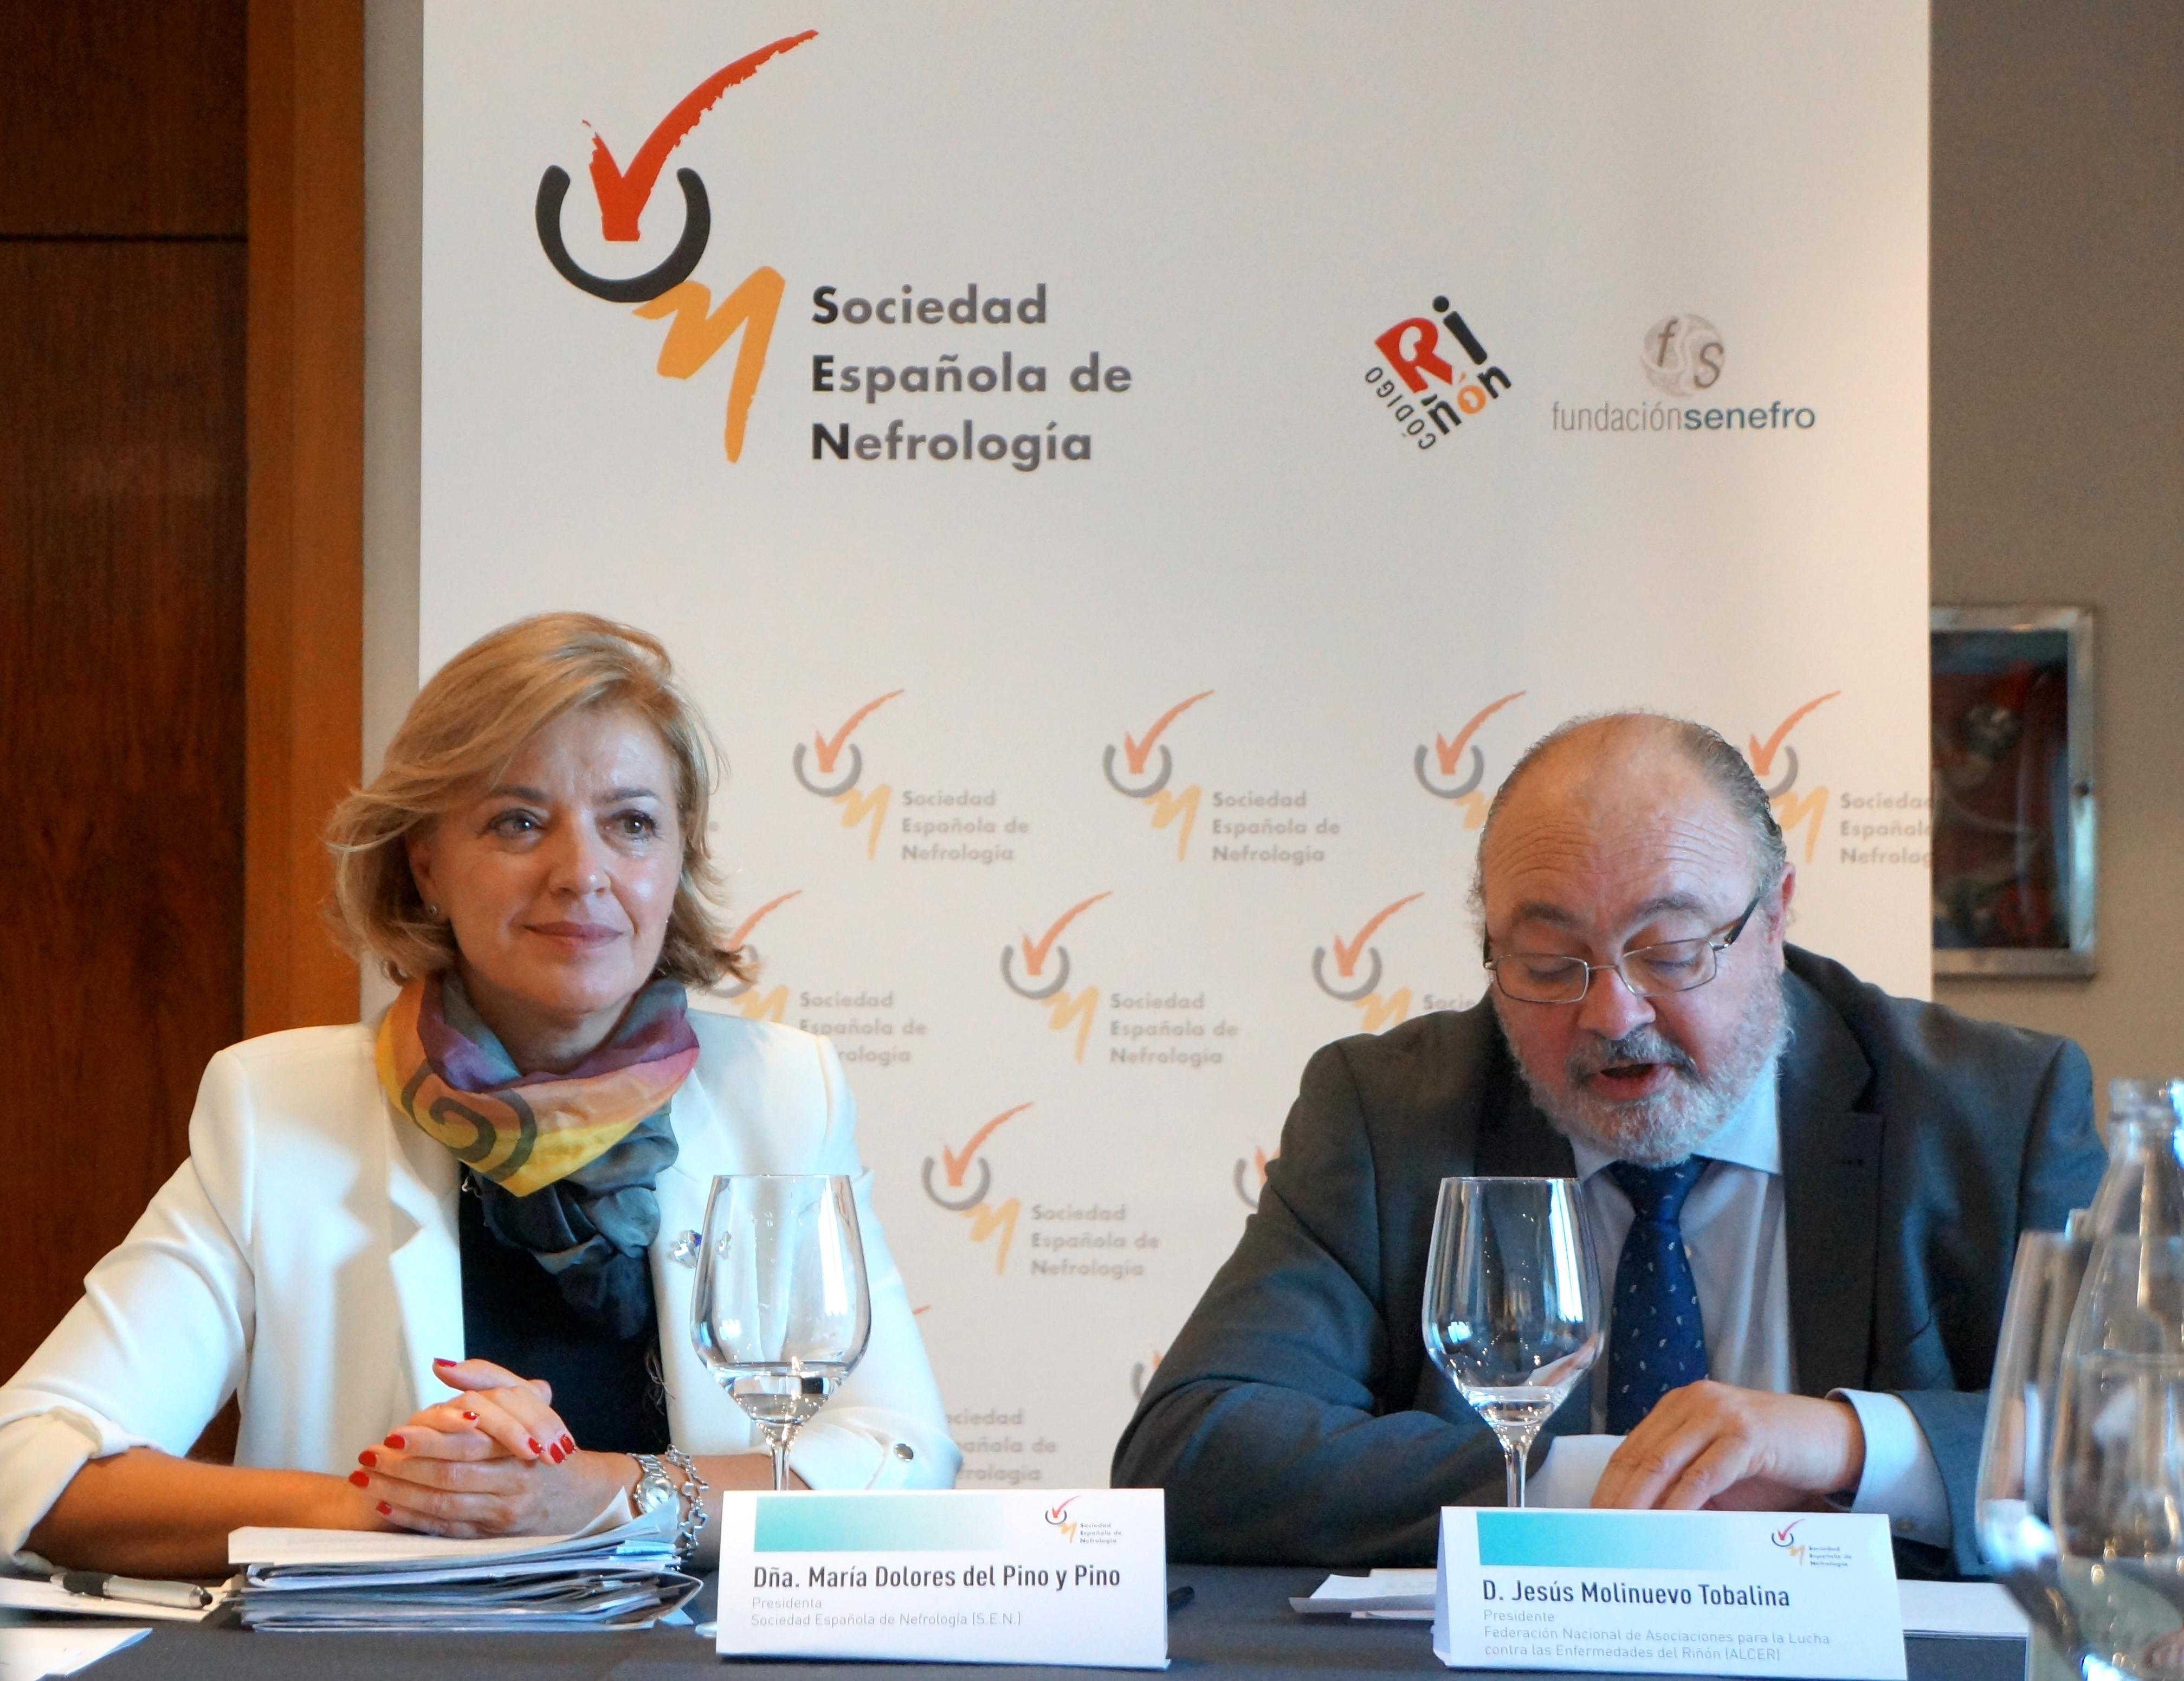 ASTURIAS: UN ESTUDIO ELEVA LA PREVALENCIA DE LA ENFERMEDAD RENAL CRÓNICA EN ESPAÑA A NIVELES DE ESTADOS UNIDOS